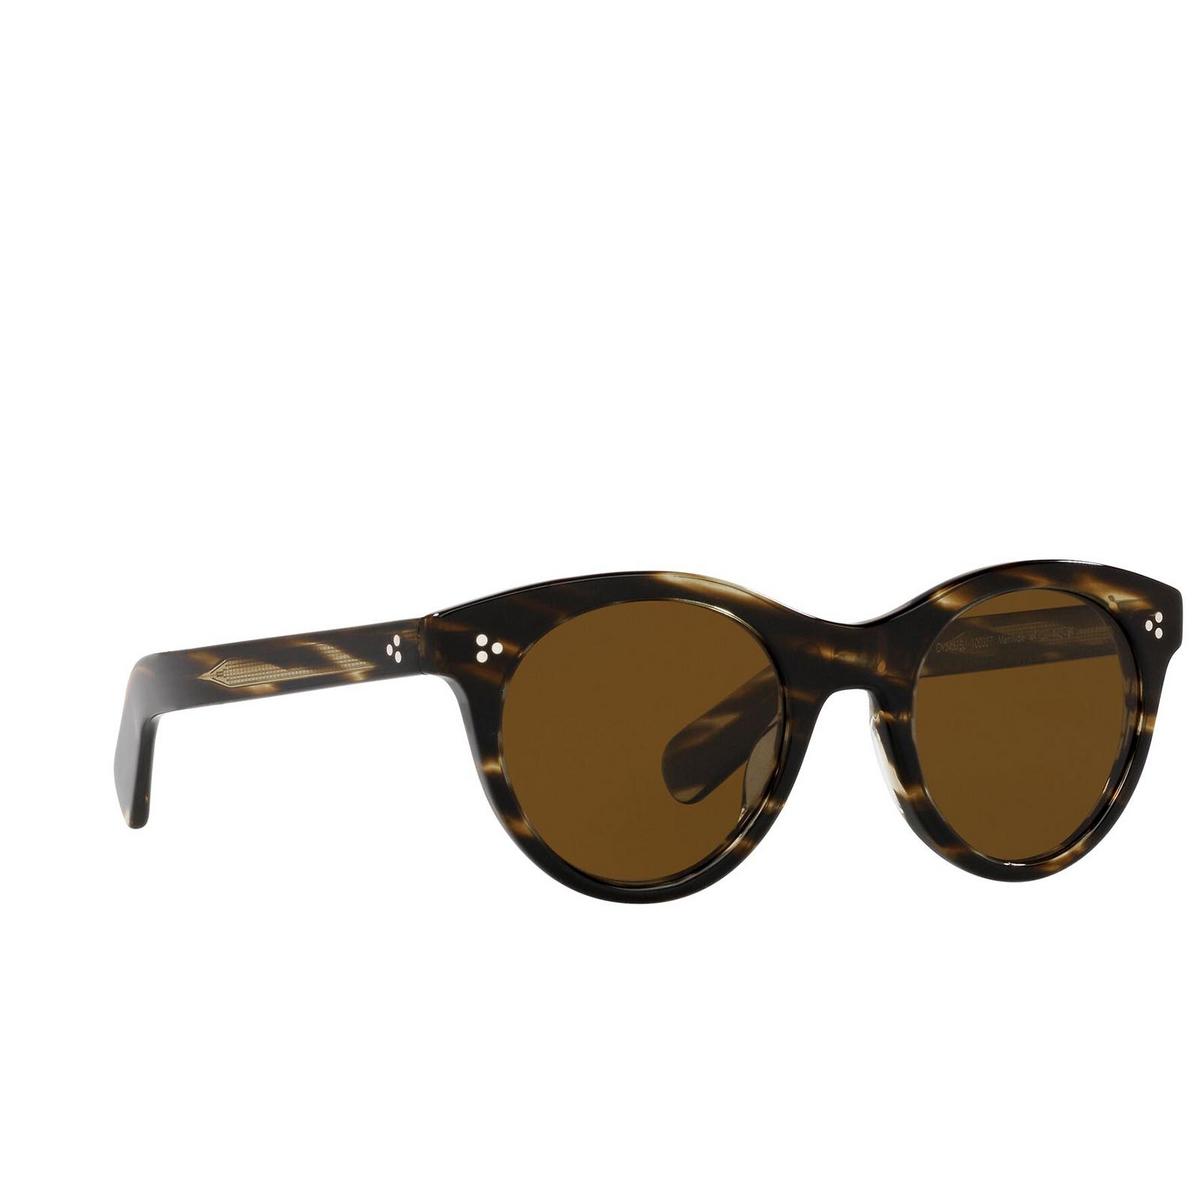 Oliver Peoples® Round Sunglasses: Merrivale OV5451SU color Cocobolo 100357 - three-quarters view.